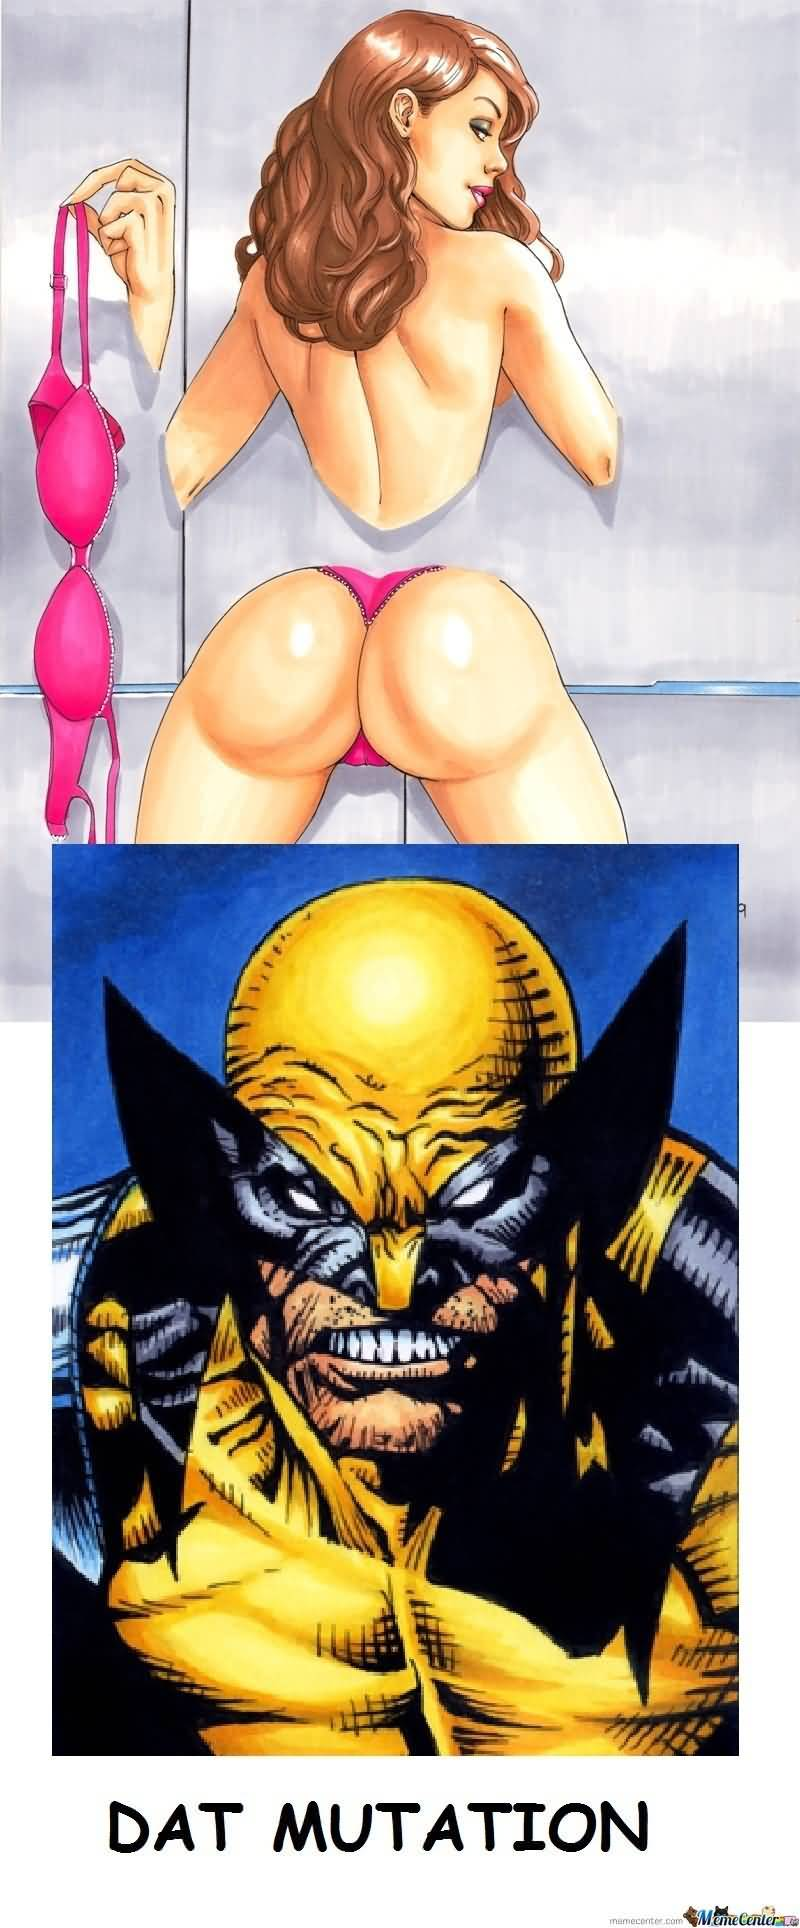 Dat Mutation Kitty Pryde Meme